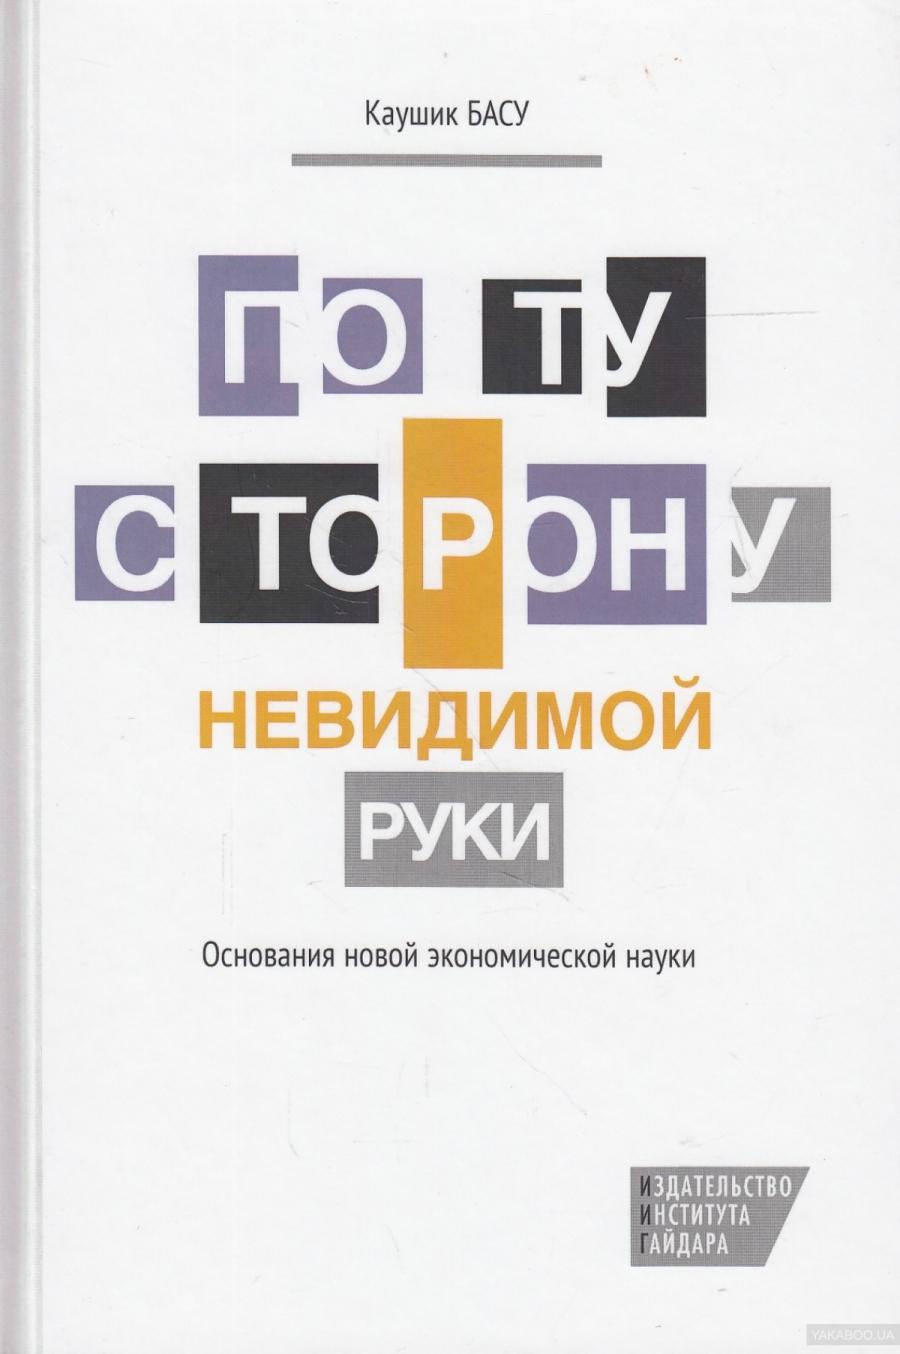 Обложка книги:  басу каушик - по ту сторону невидимой руки. основания новой экономической науки